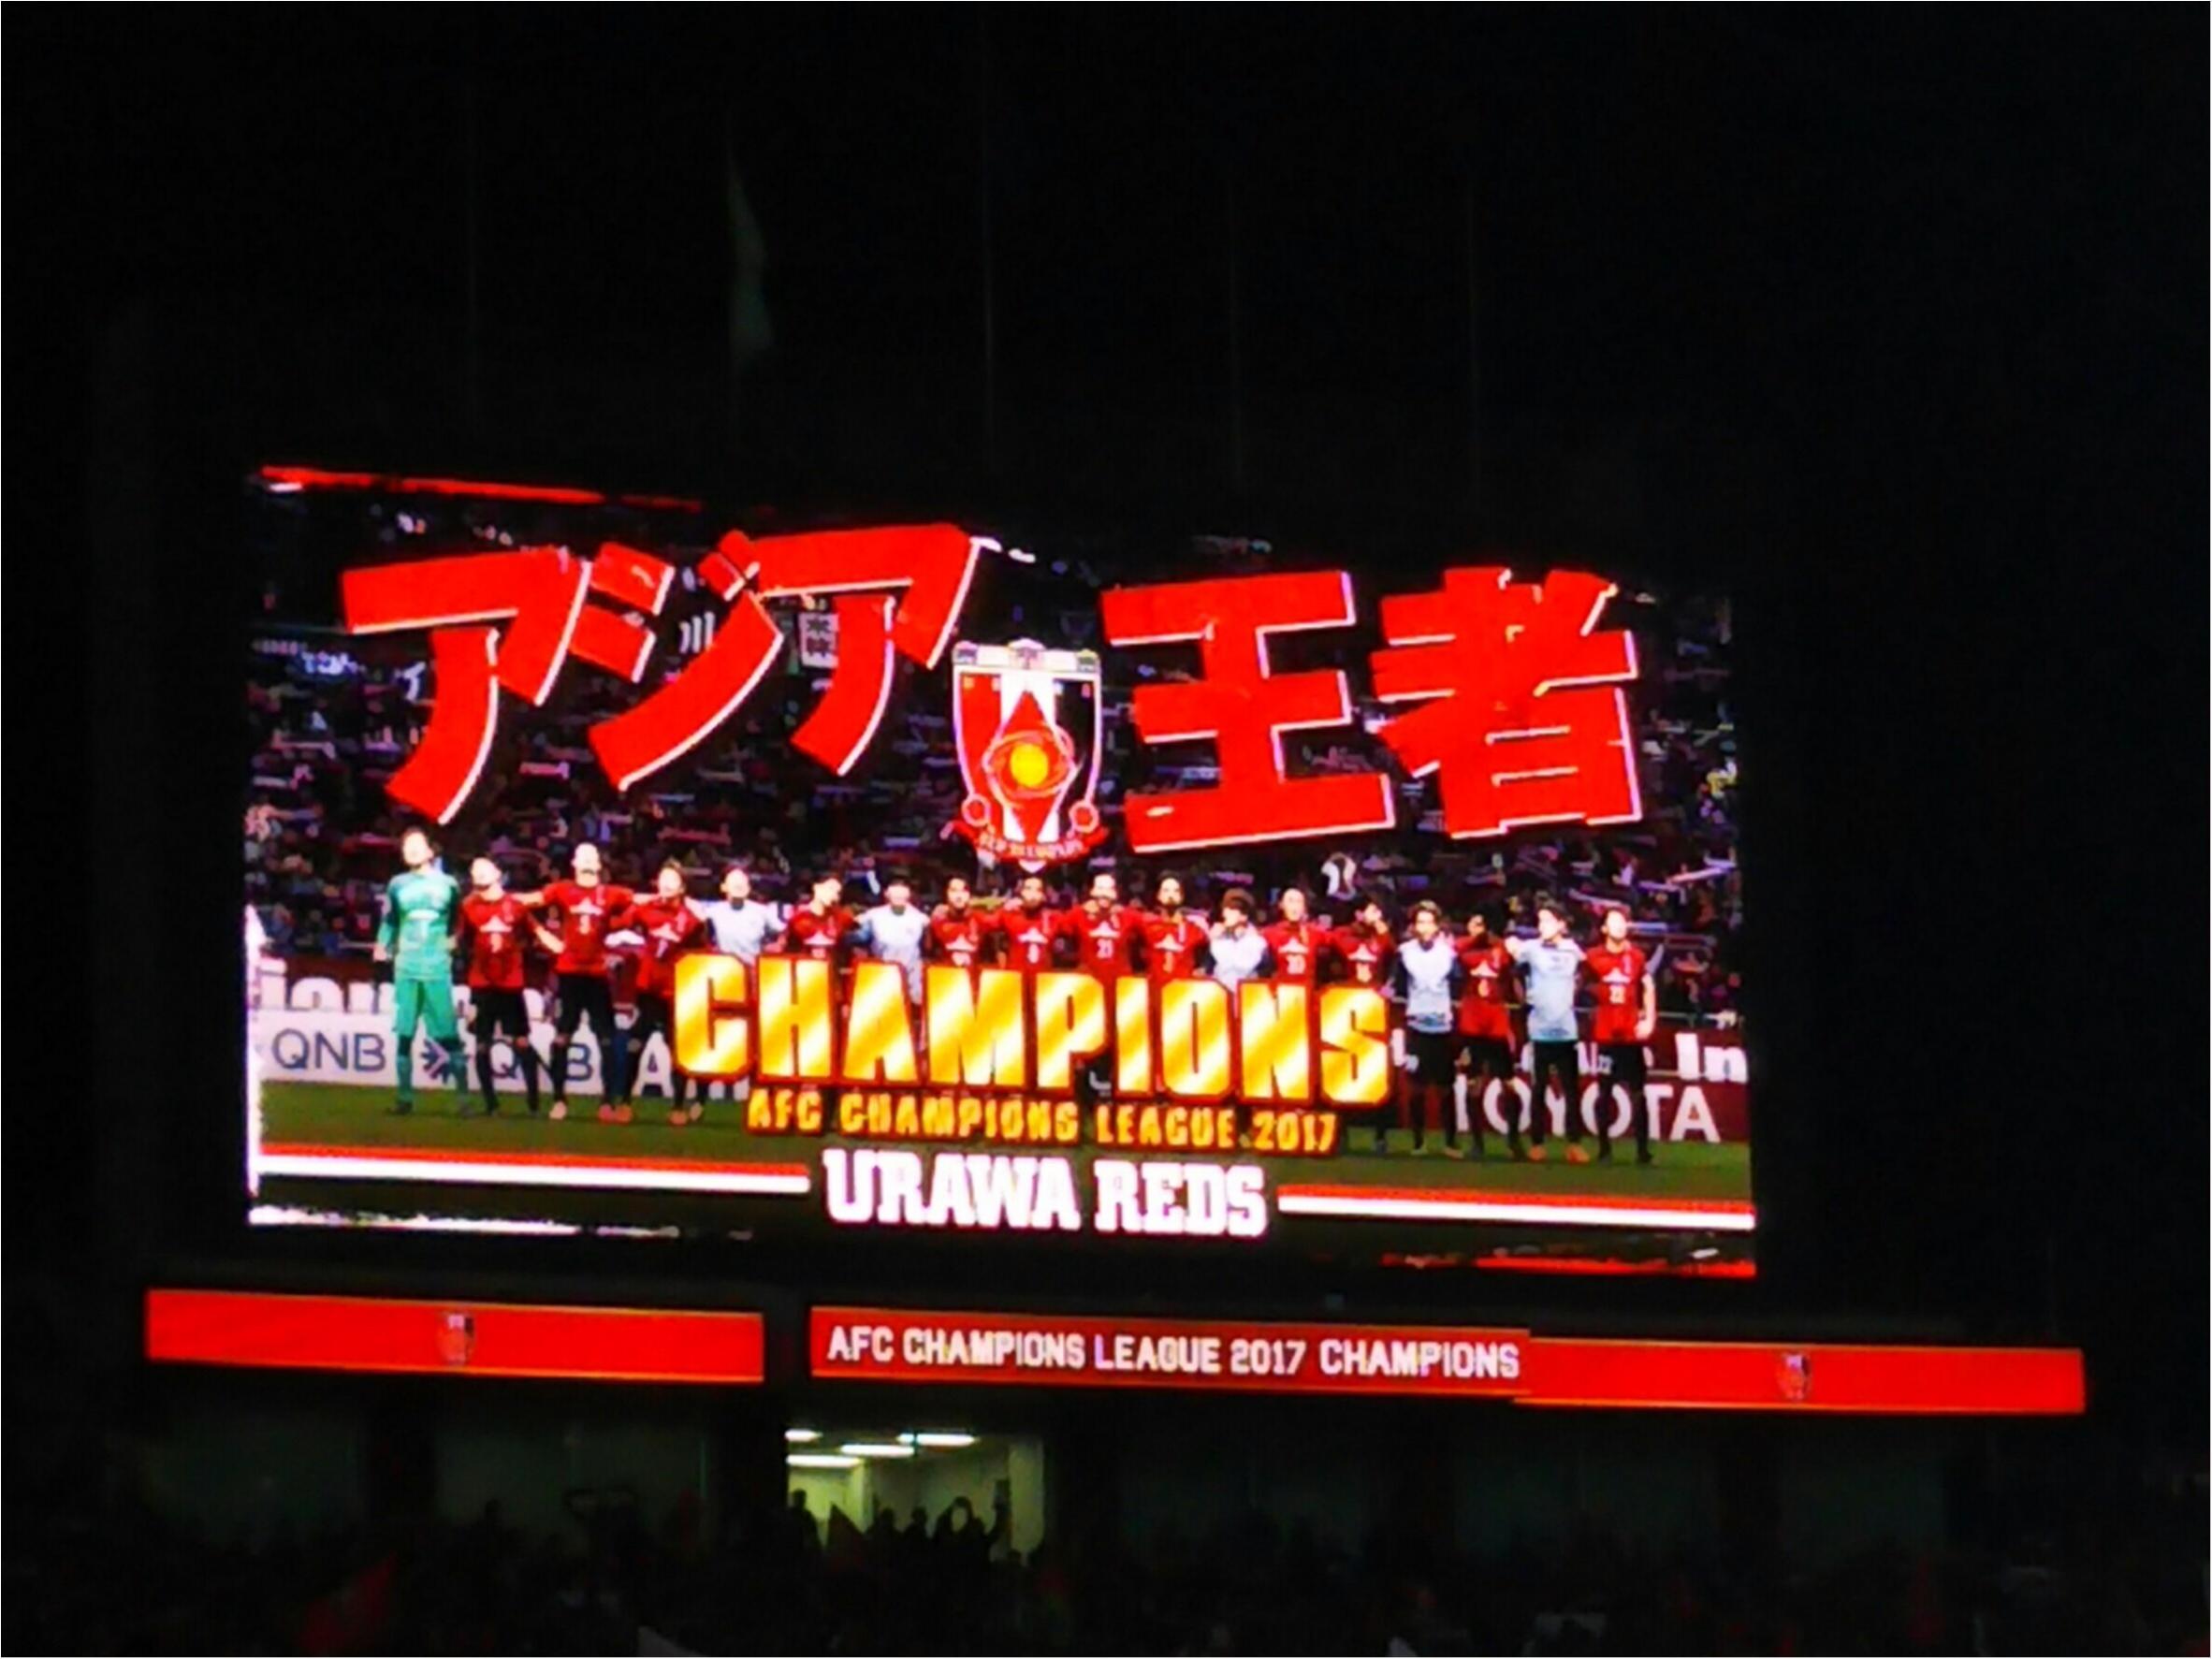 【サッカー】祝アジアチャンピオン!!世界一のクラブチームを目指す大会は6日深夜から…!?_1